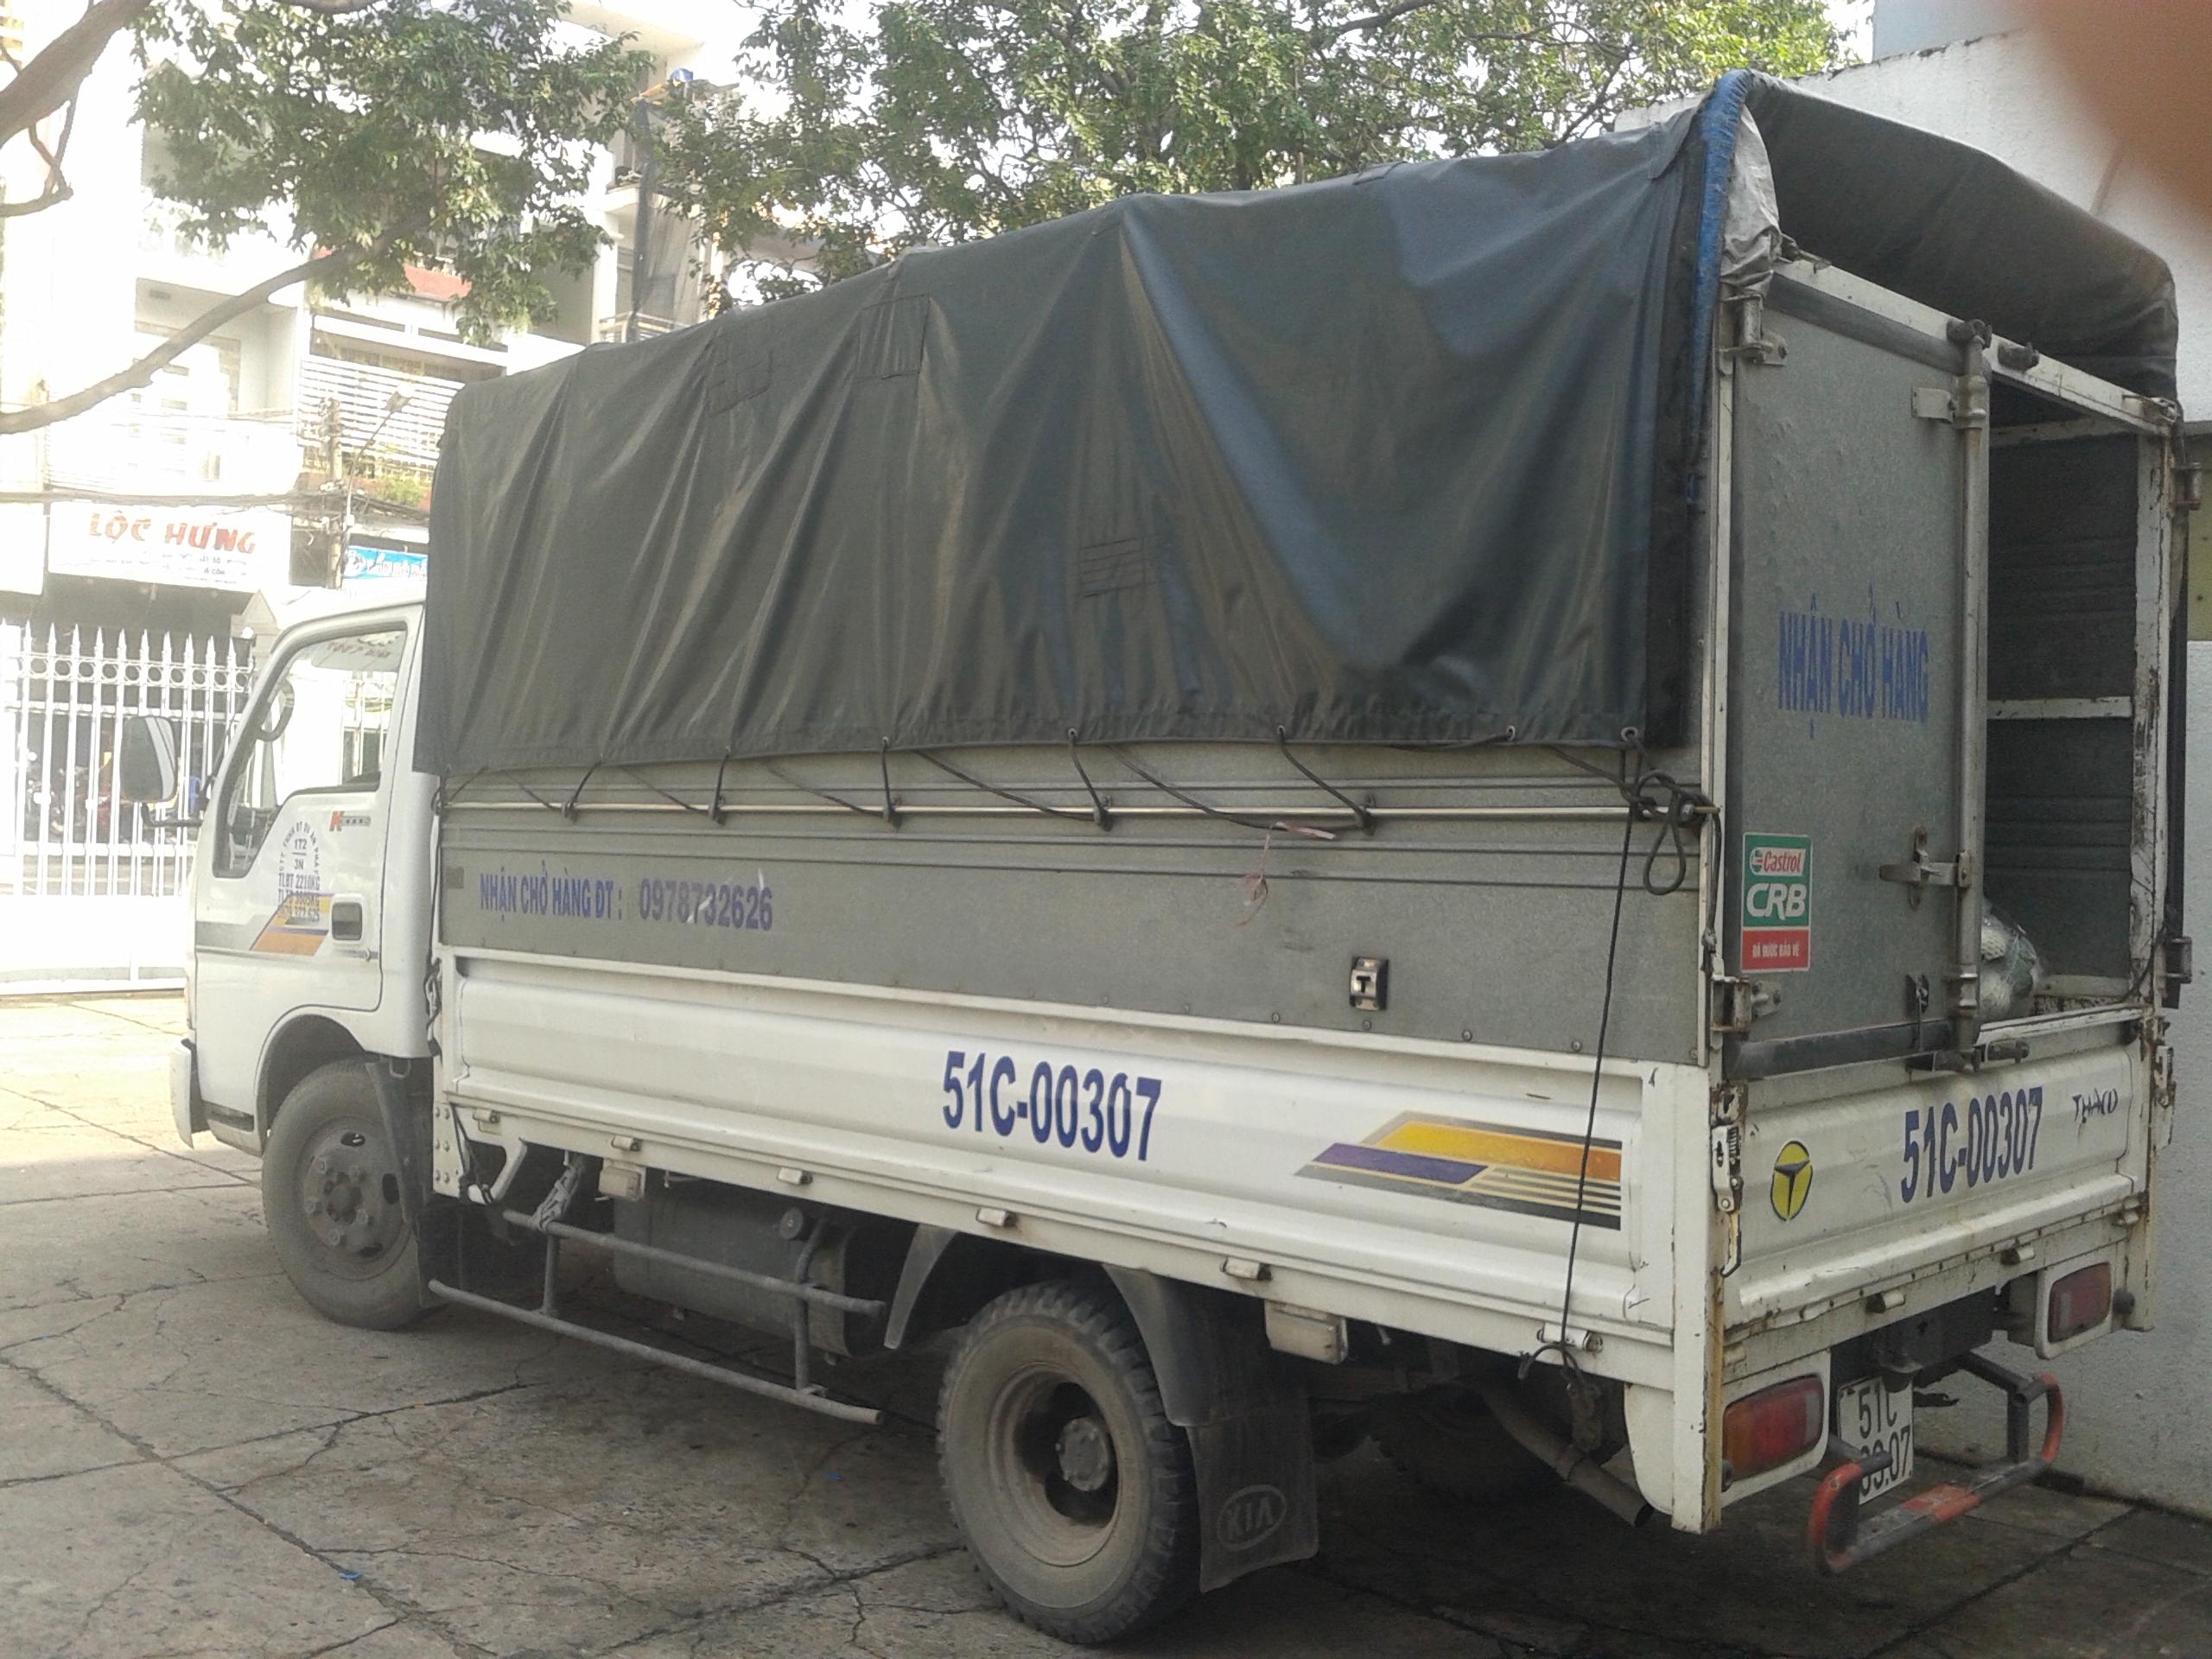 Xe taxi tải chở hàng giá rẻ cần lưu ý về chất lượng dịch vụ